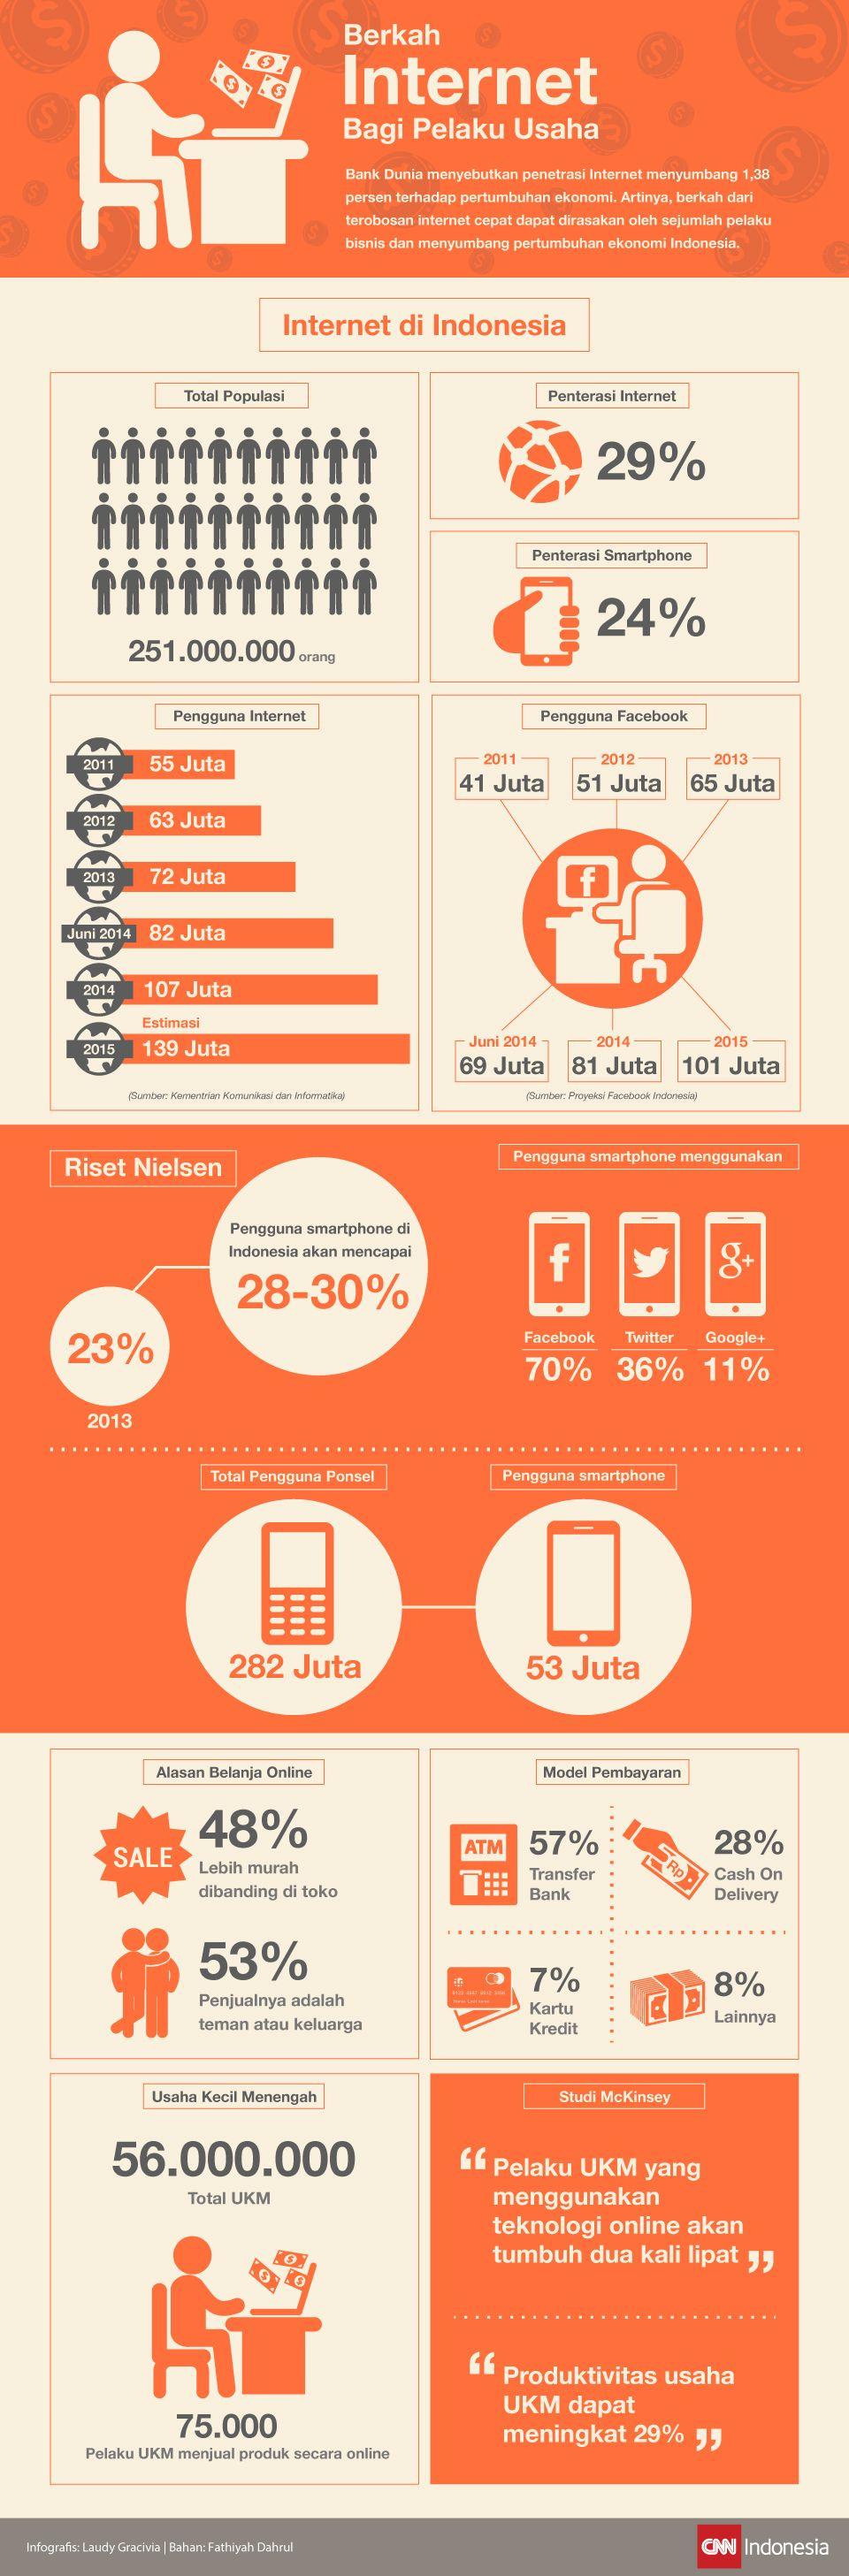 Infografis Berkah Internet Bagi Pelaku Usaha